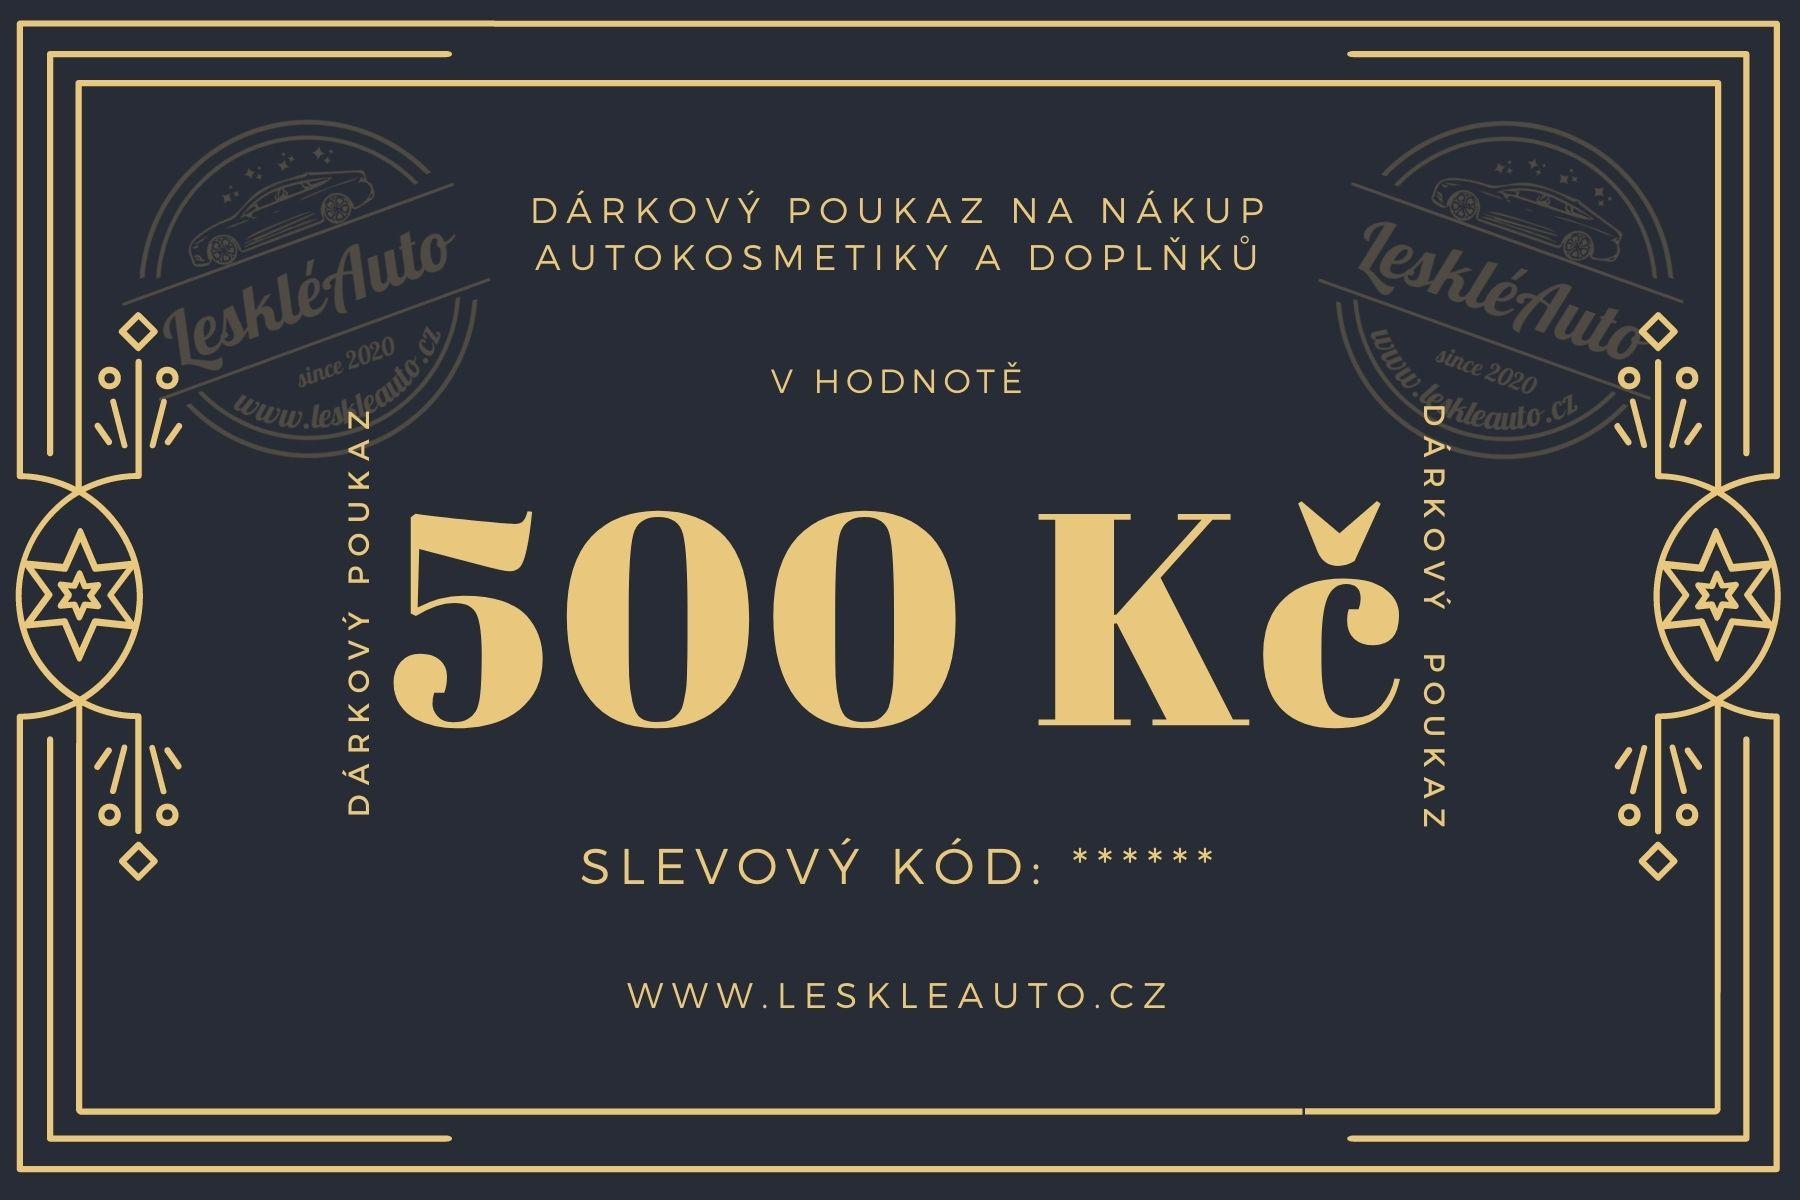 Dárkový poukaz v hodnotì 500 Kè - zvìtšit obrázek